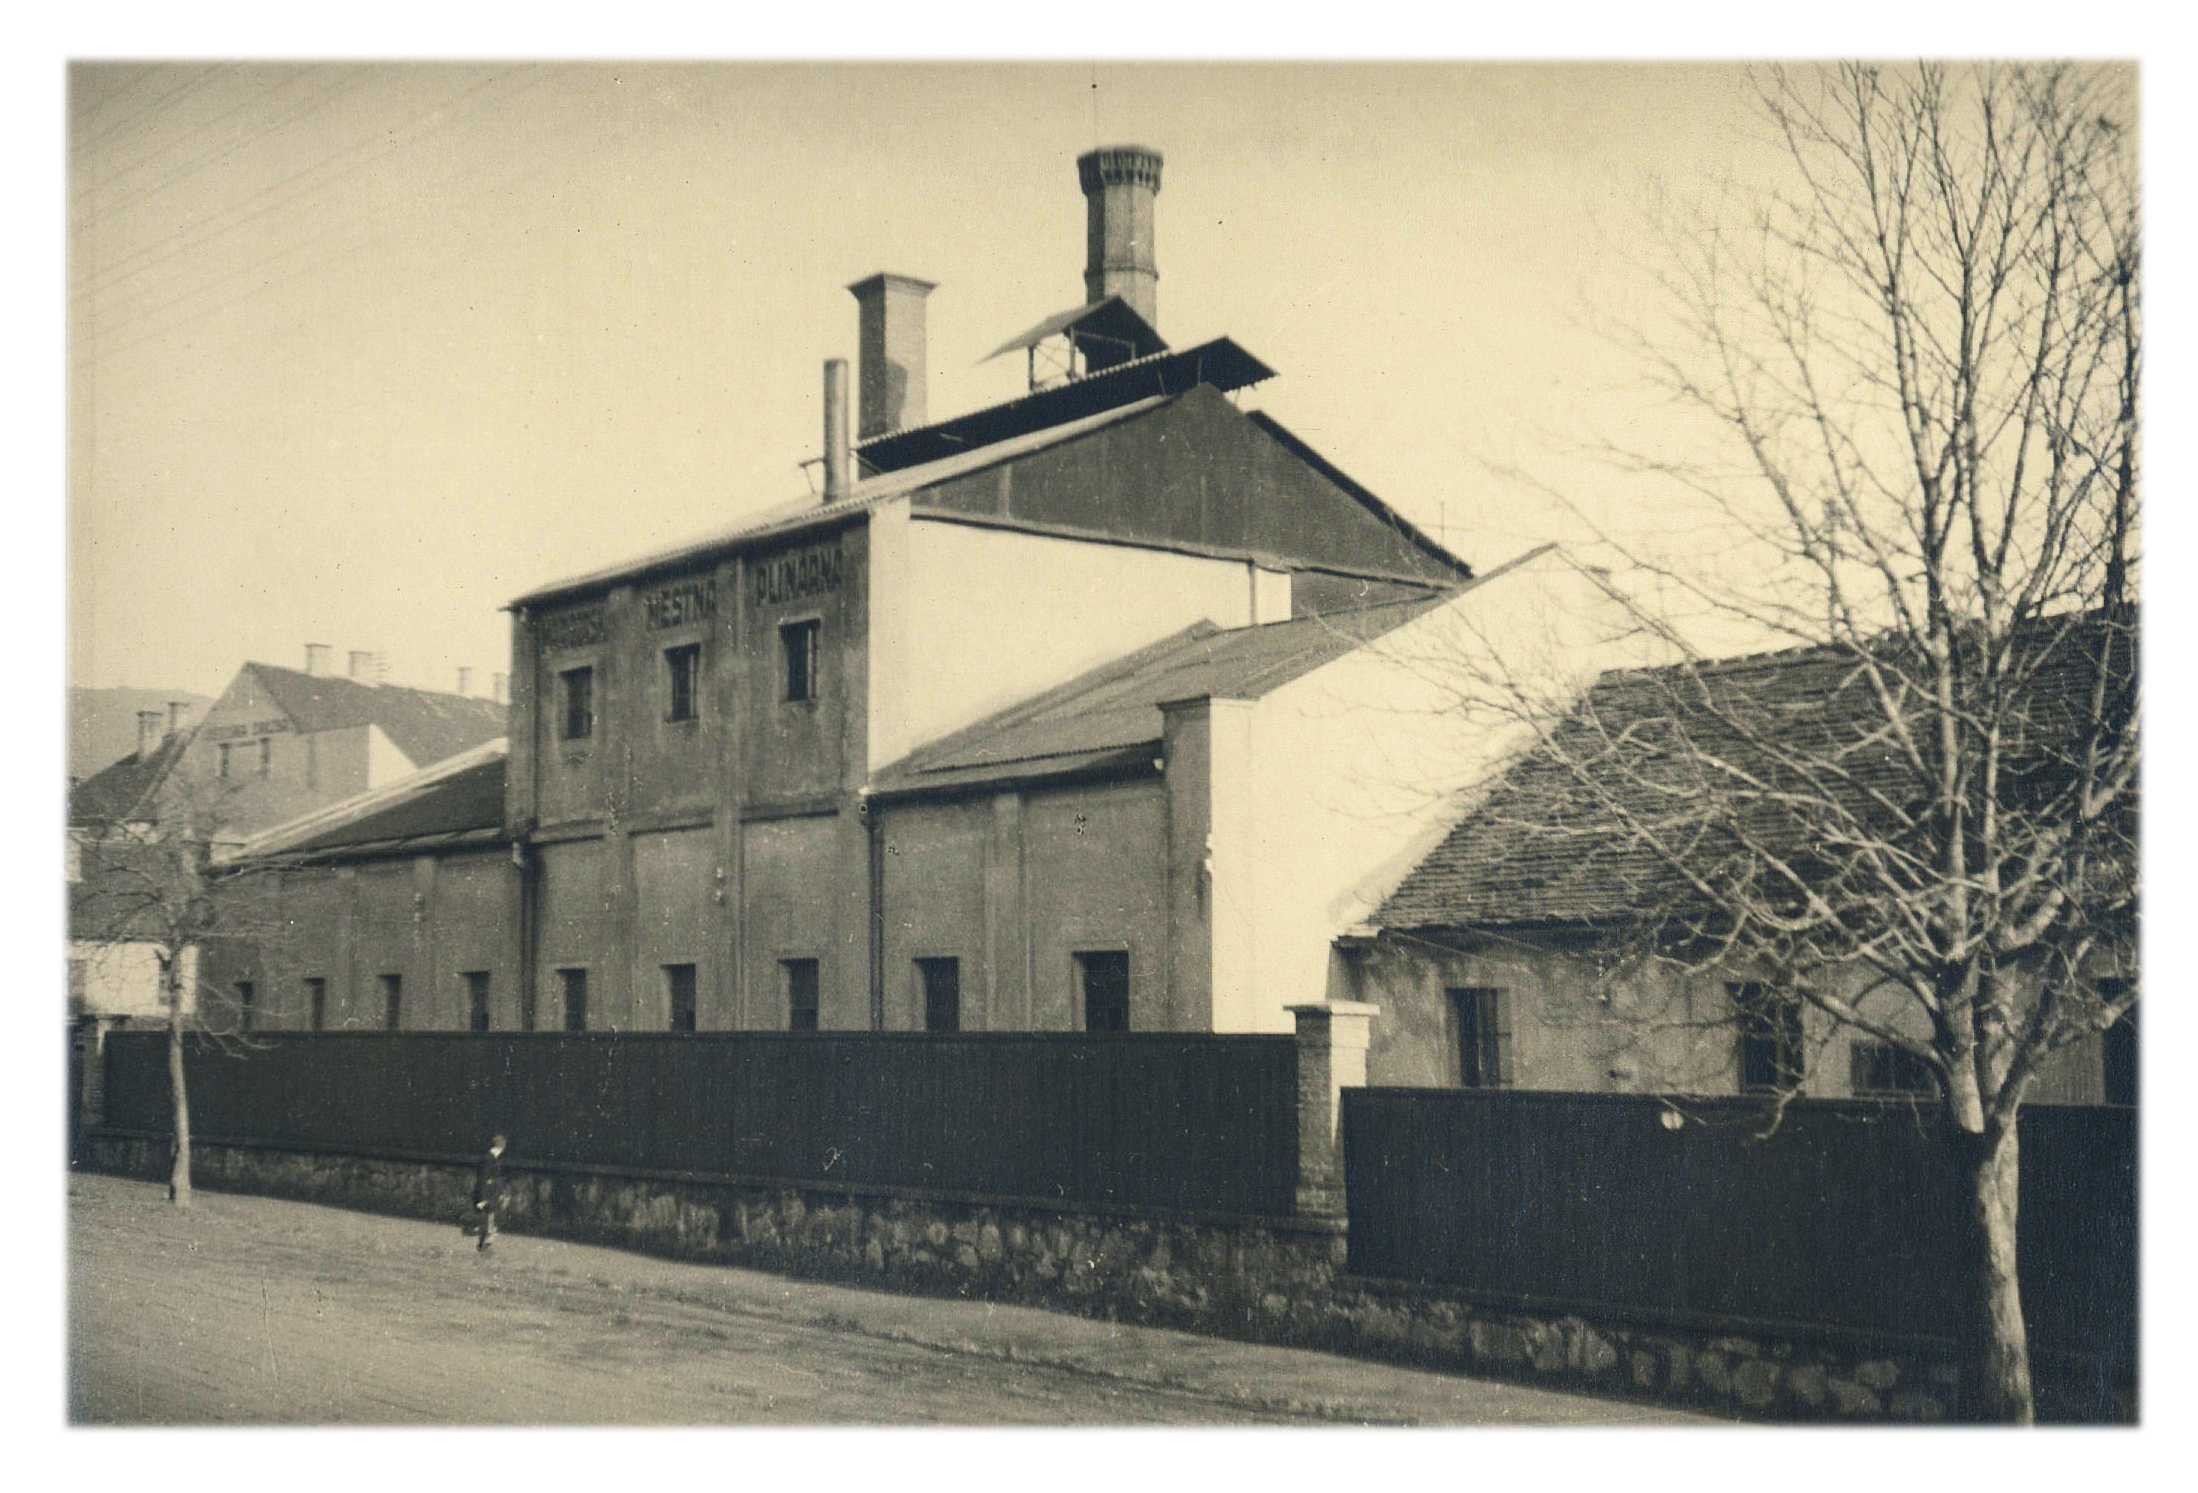 Stavba mariborske mestne plinarne, Graff jo je zgradil v letih 1869-71